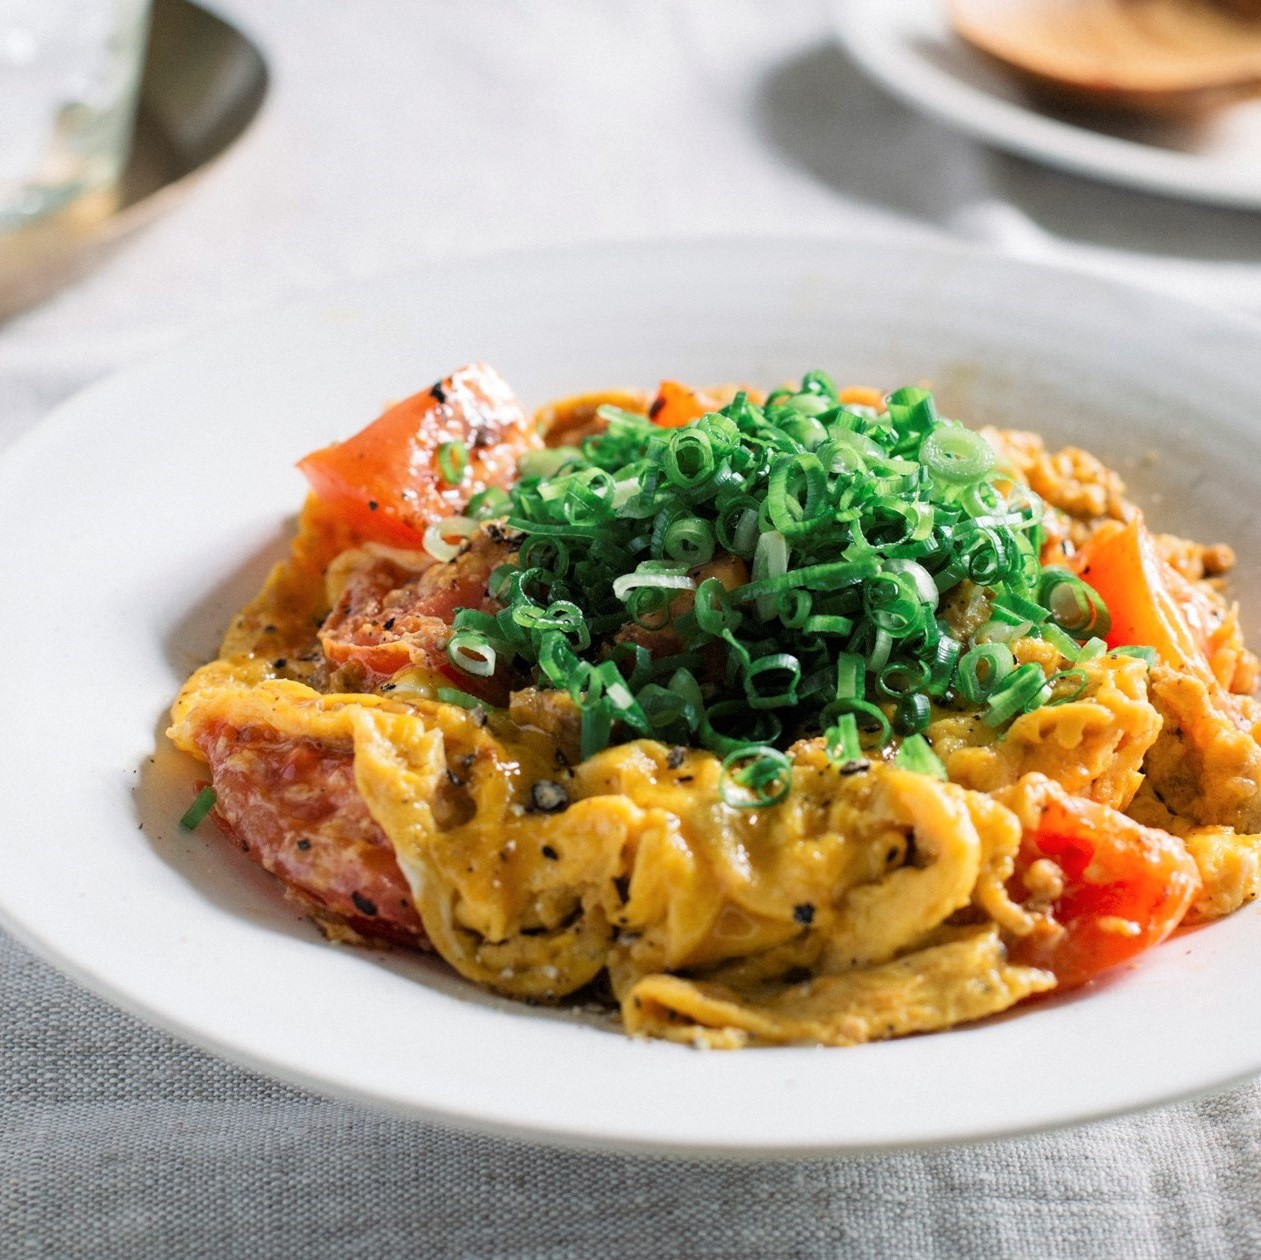 ふわふわ卵とトマトの肉味噌炒め